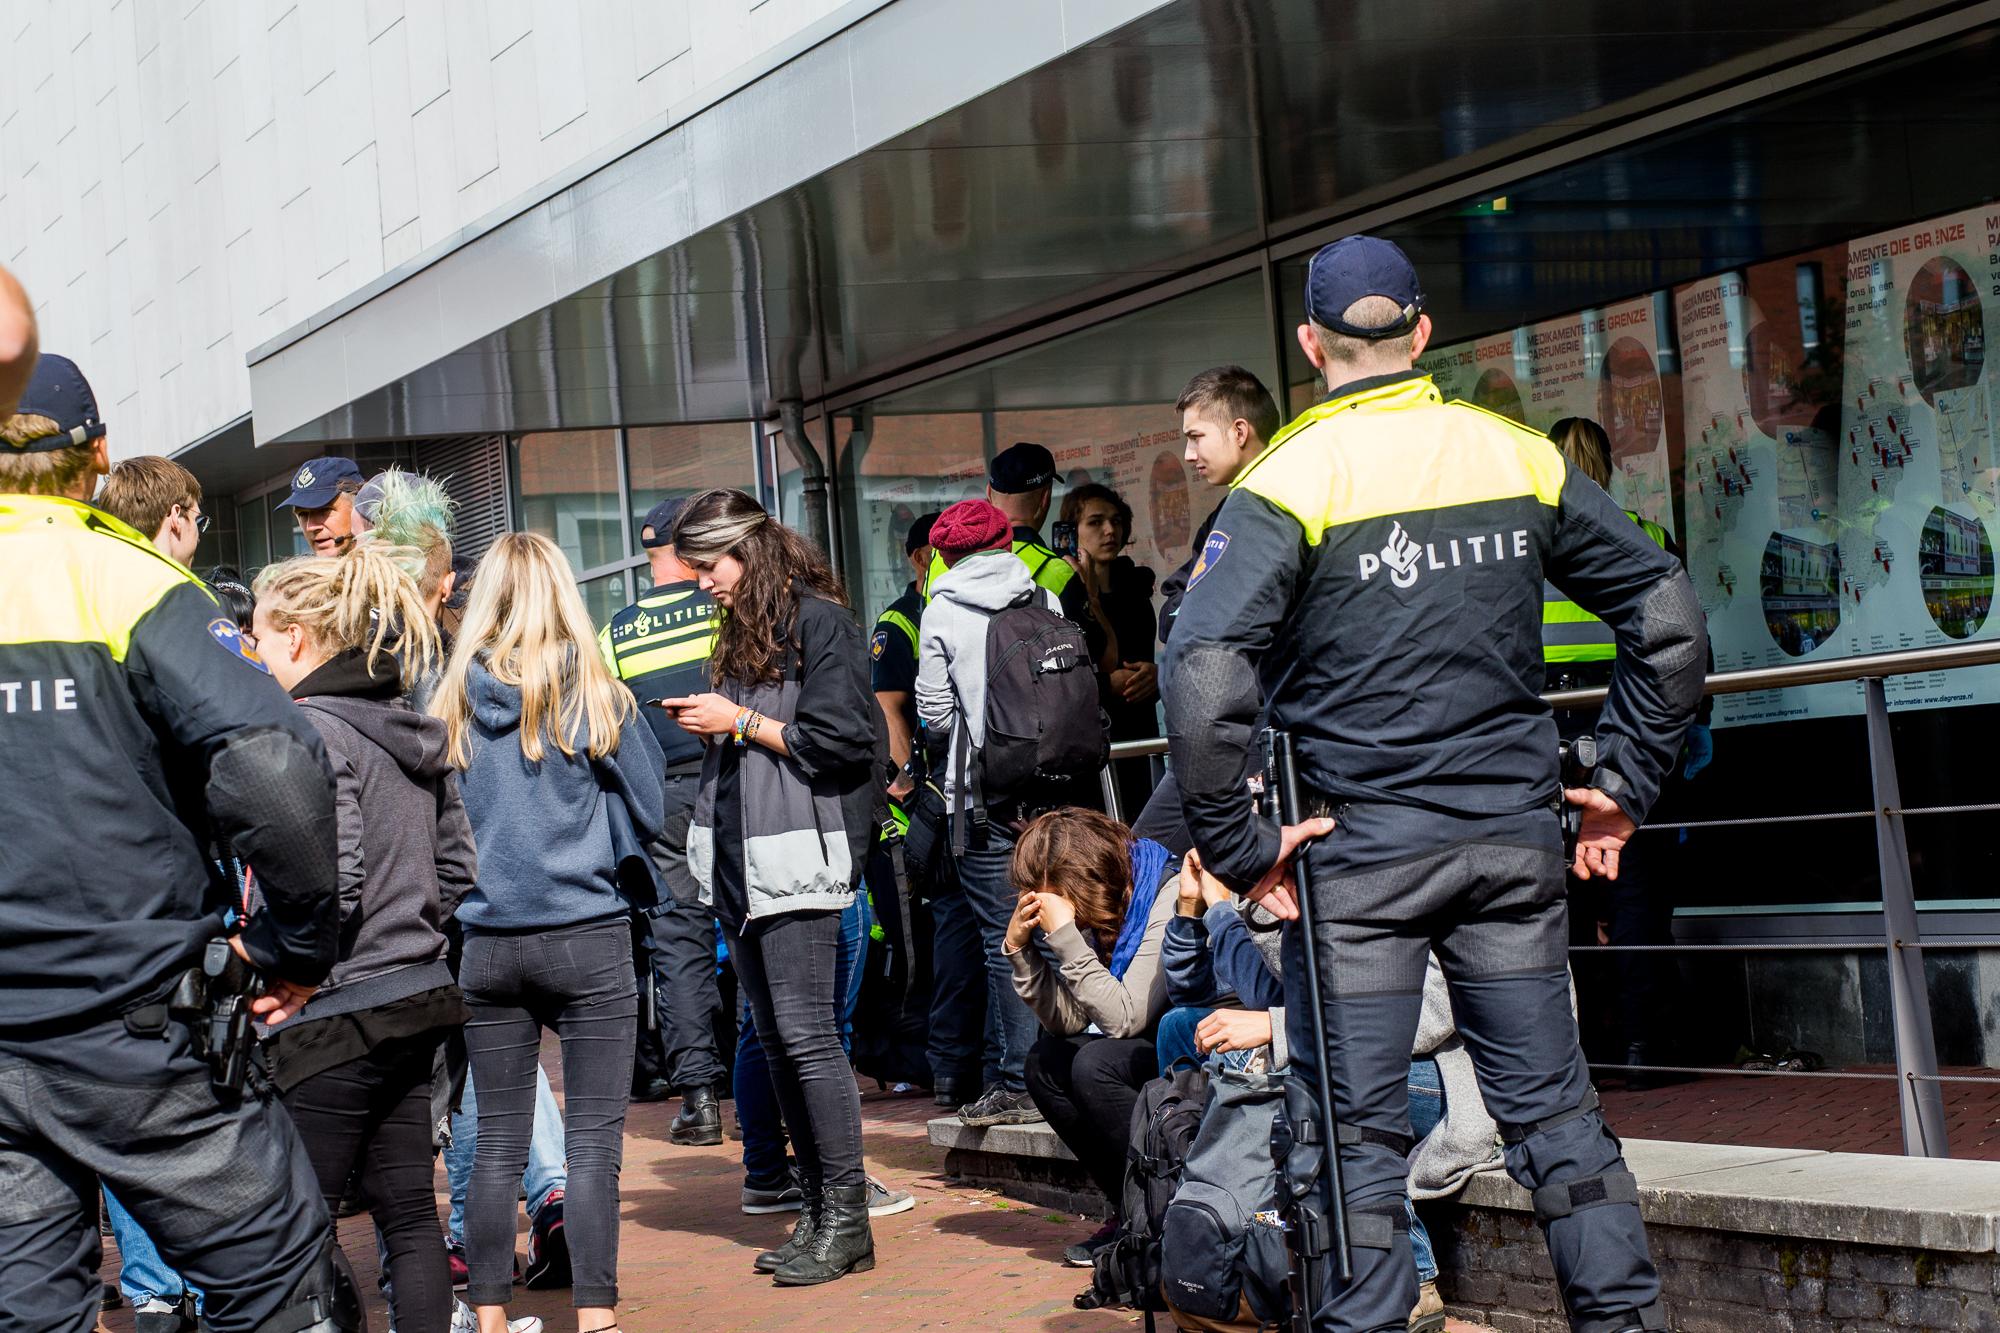 De betogers moesten werden gefouilleerd en moesten zich legitimeren